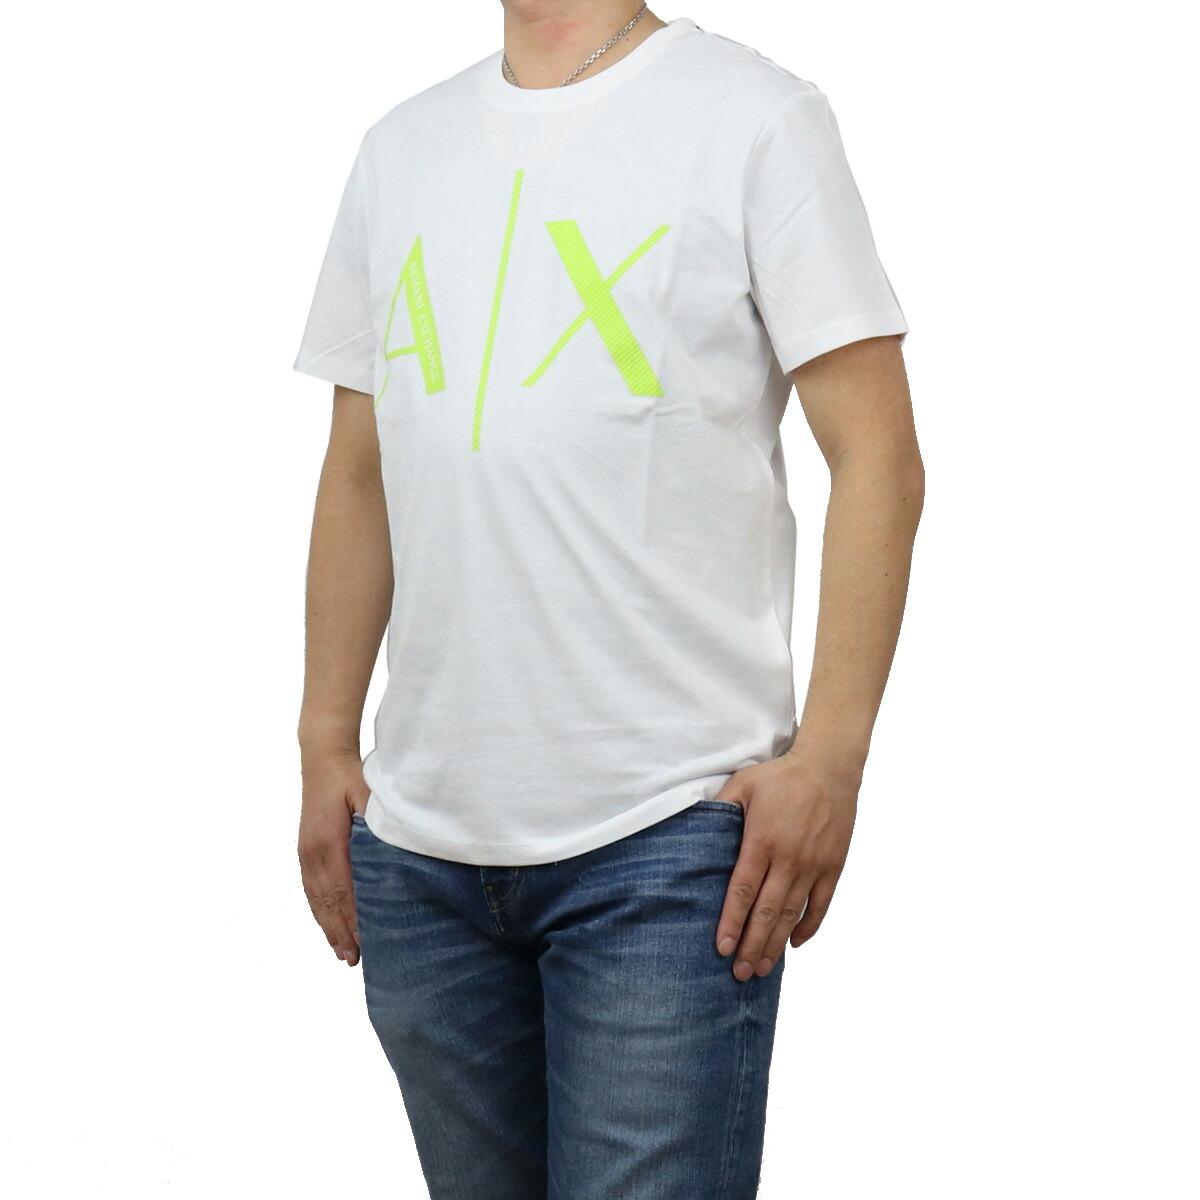 アルマーニエクスチェ ARMANI EXCHANGE メンズ-Tシャツ 3KZTAG ZJ4KZ 1100 ホワイト系 apparel-01 ts-01 メンズ